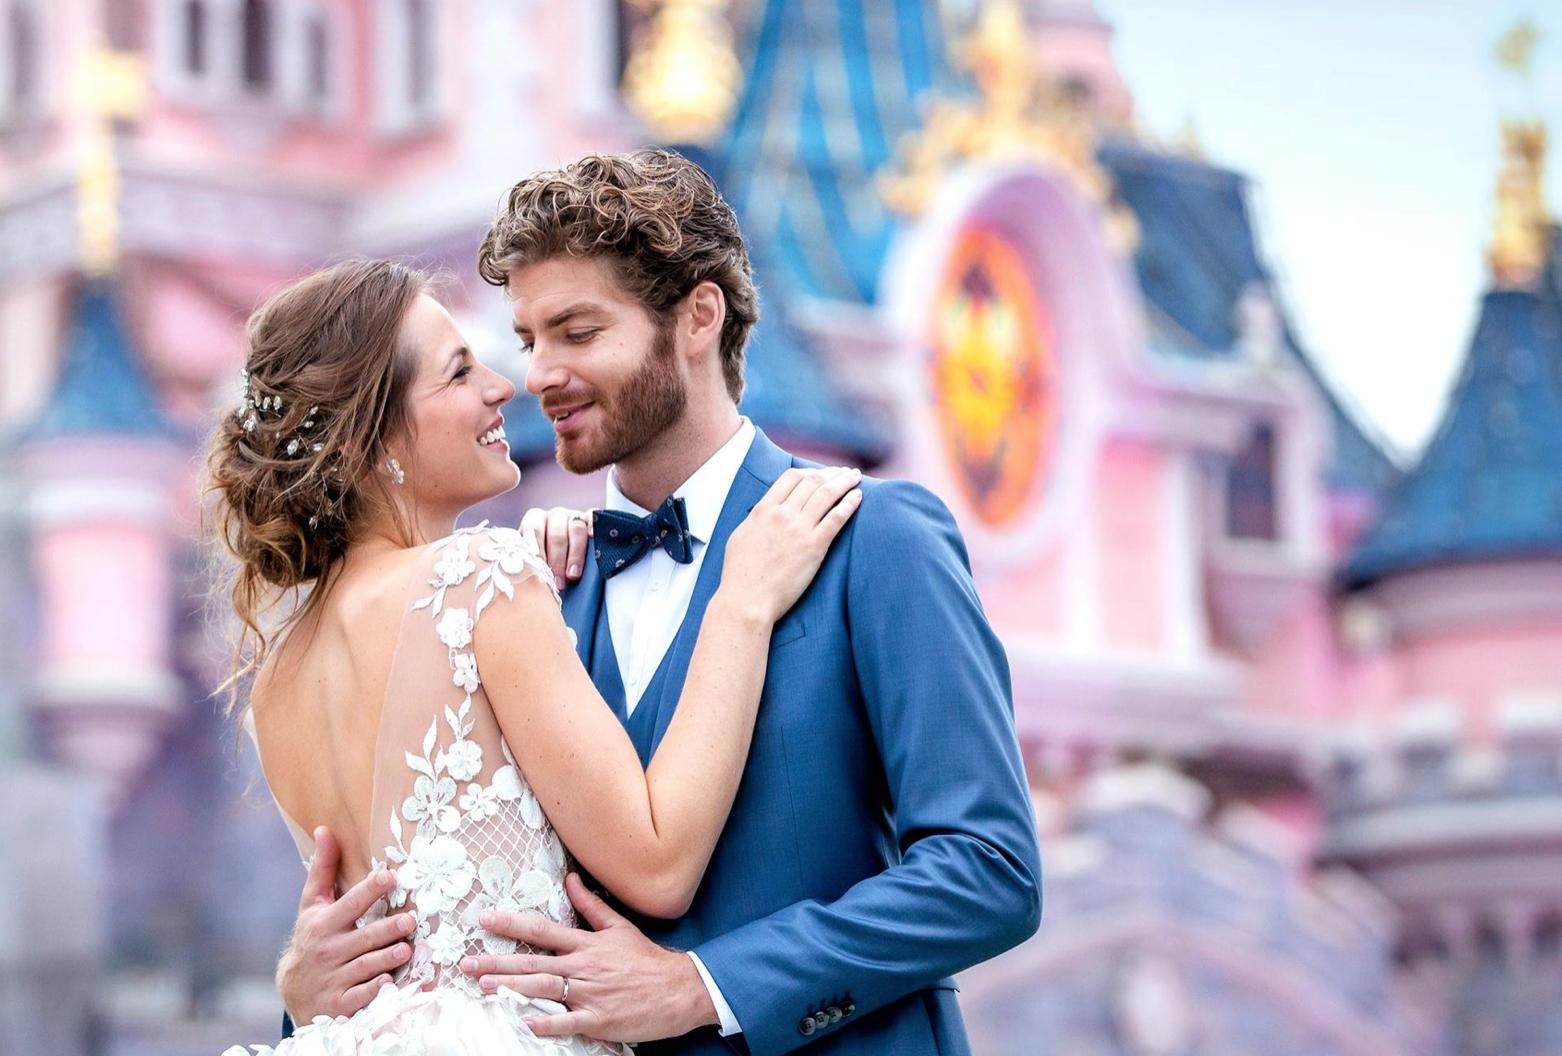 Mariage de rêve chez Disney